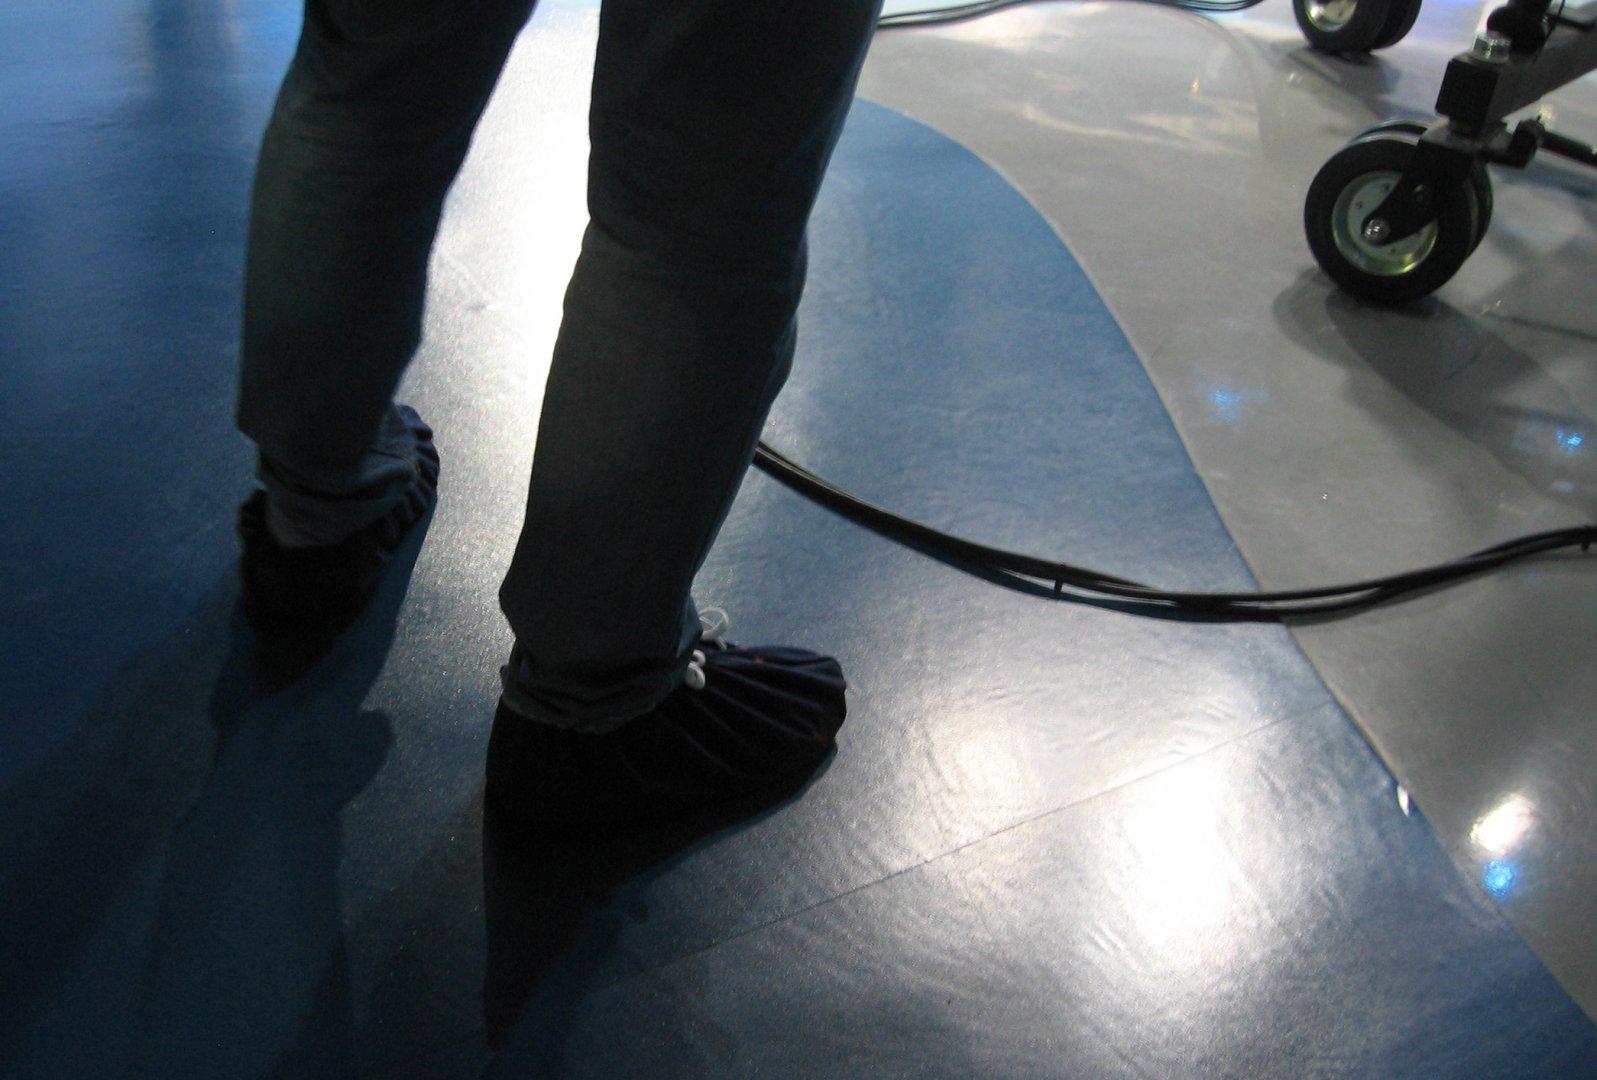 Всички работещи в телевизията се събуват на входа, оставят обувките в шкафчето си и обуват калцуни тип терлички. Снимки Авторът